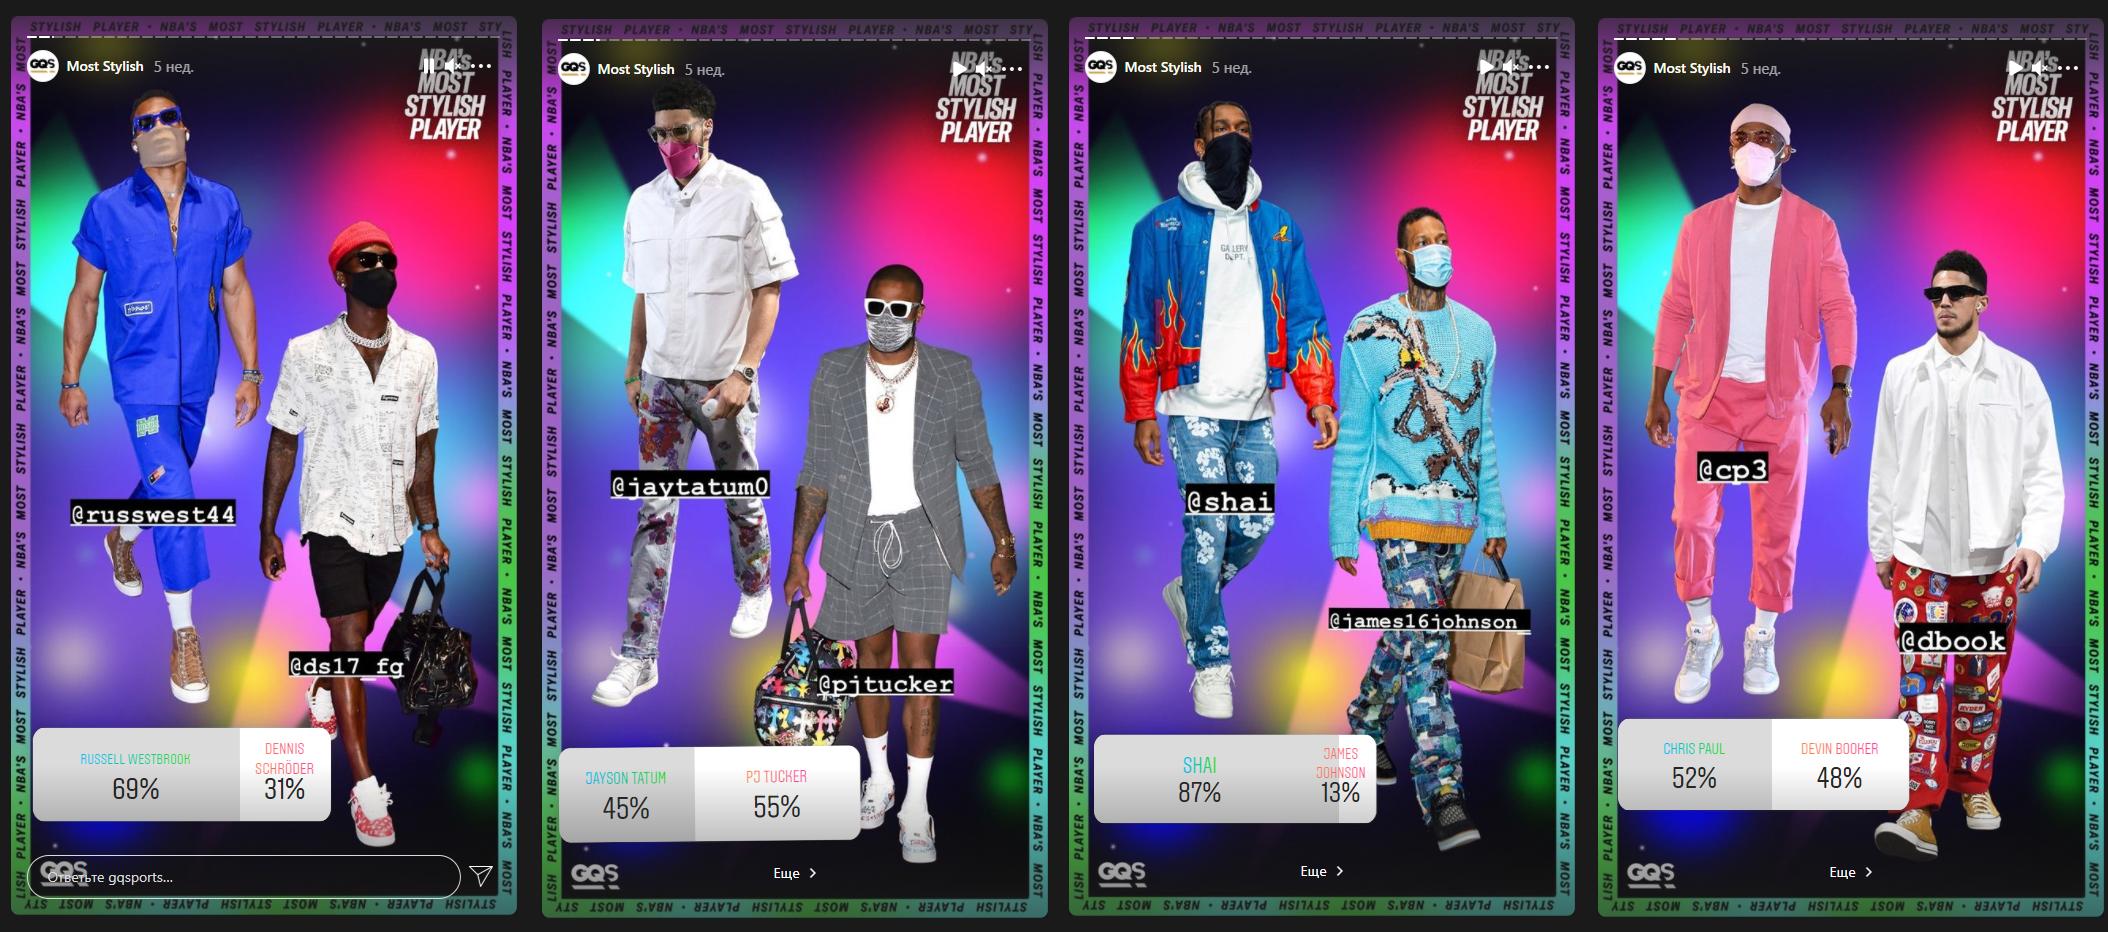 Крис Пол – самый модный в НБА. Его стилист создает не менее 30 образов каждый месяц